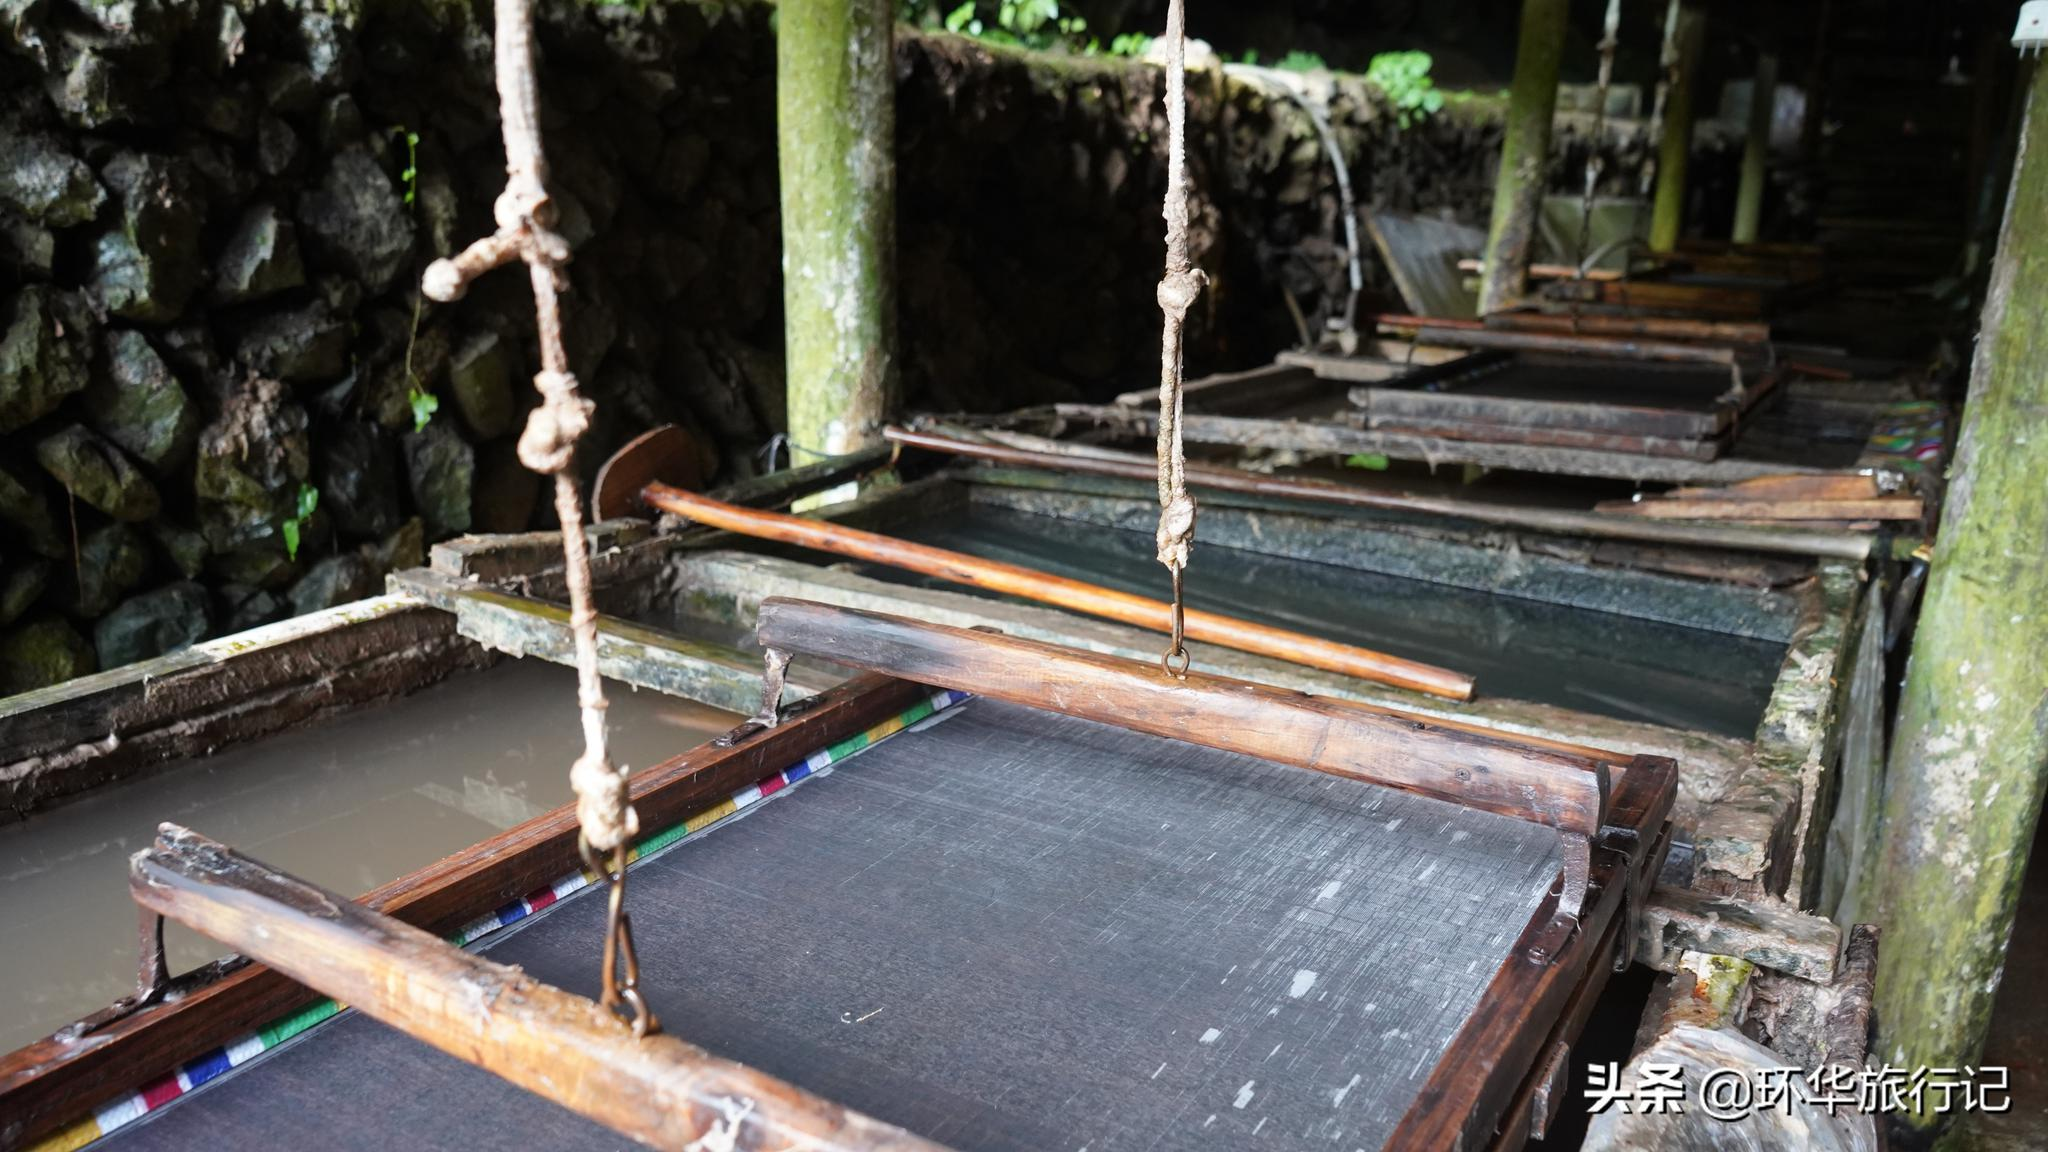 贵州大山深处依然保留着最原始的造纸技术,流传了几千年